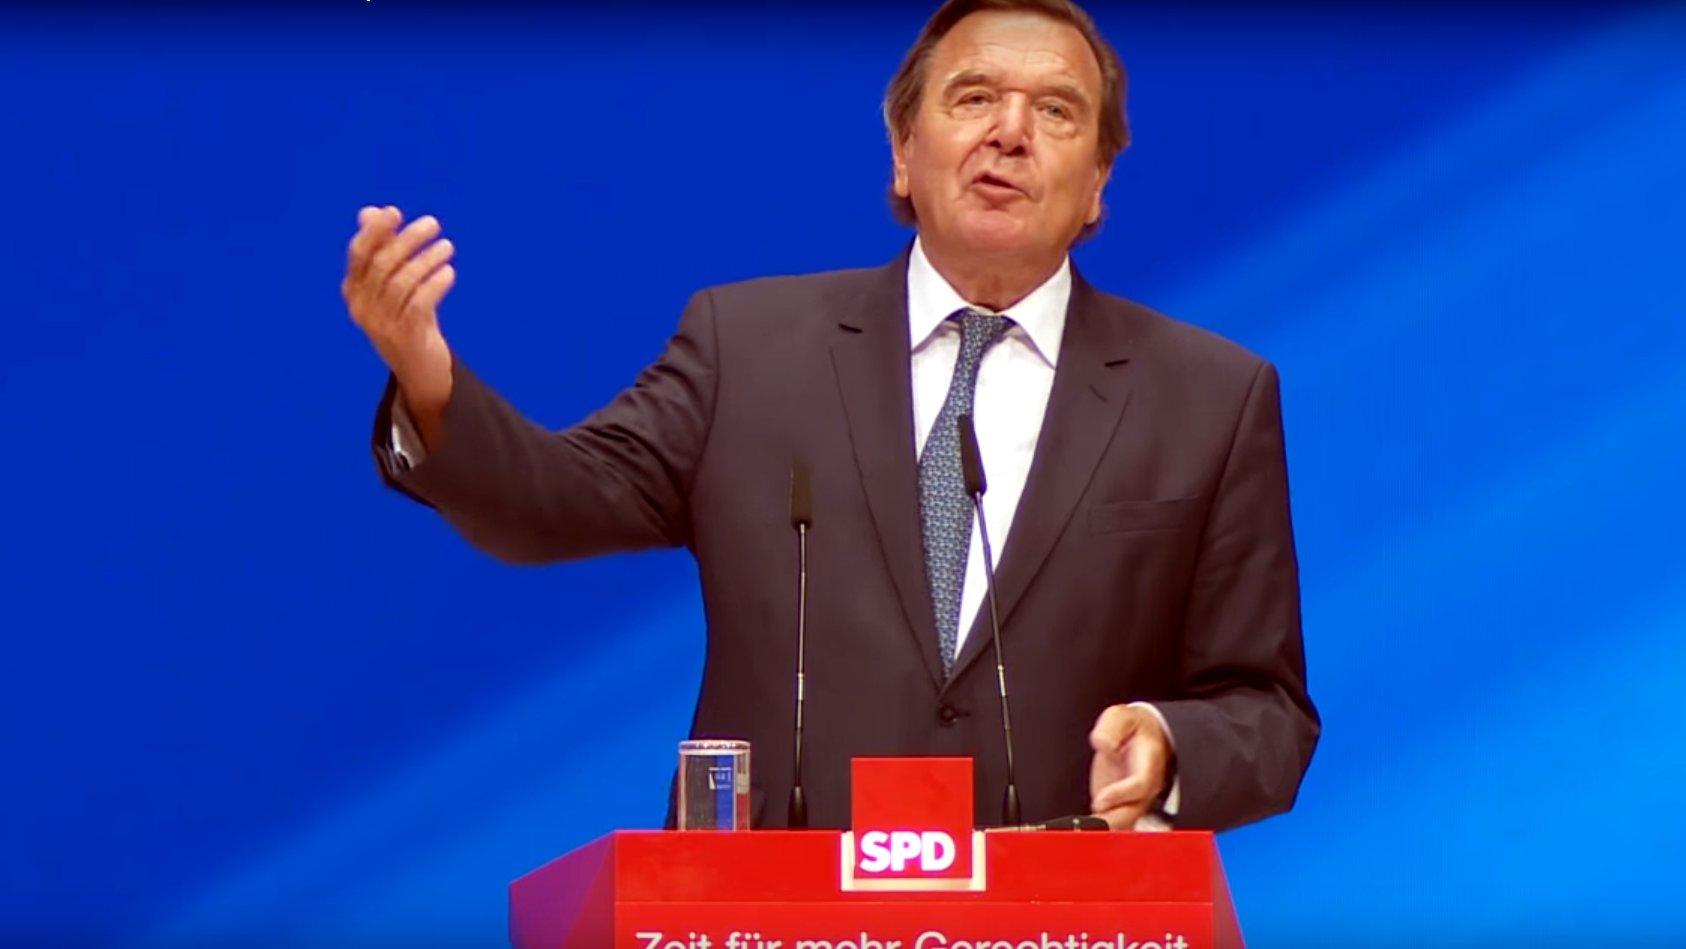 Altkanzler Schröder fordert bedingungslose Unterstützung für Schulz